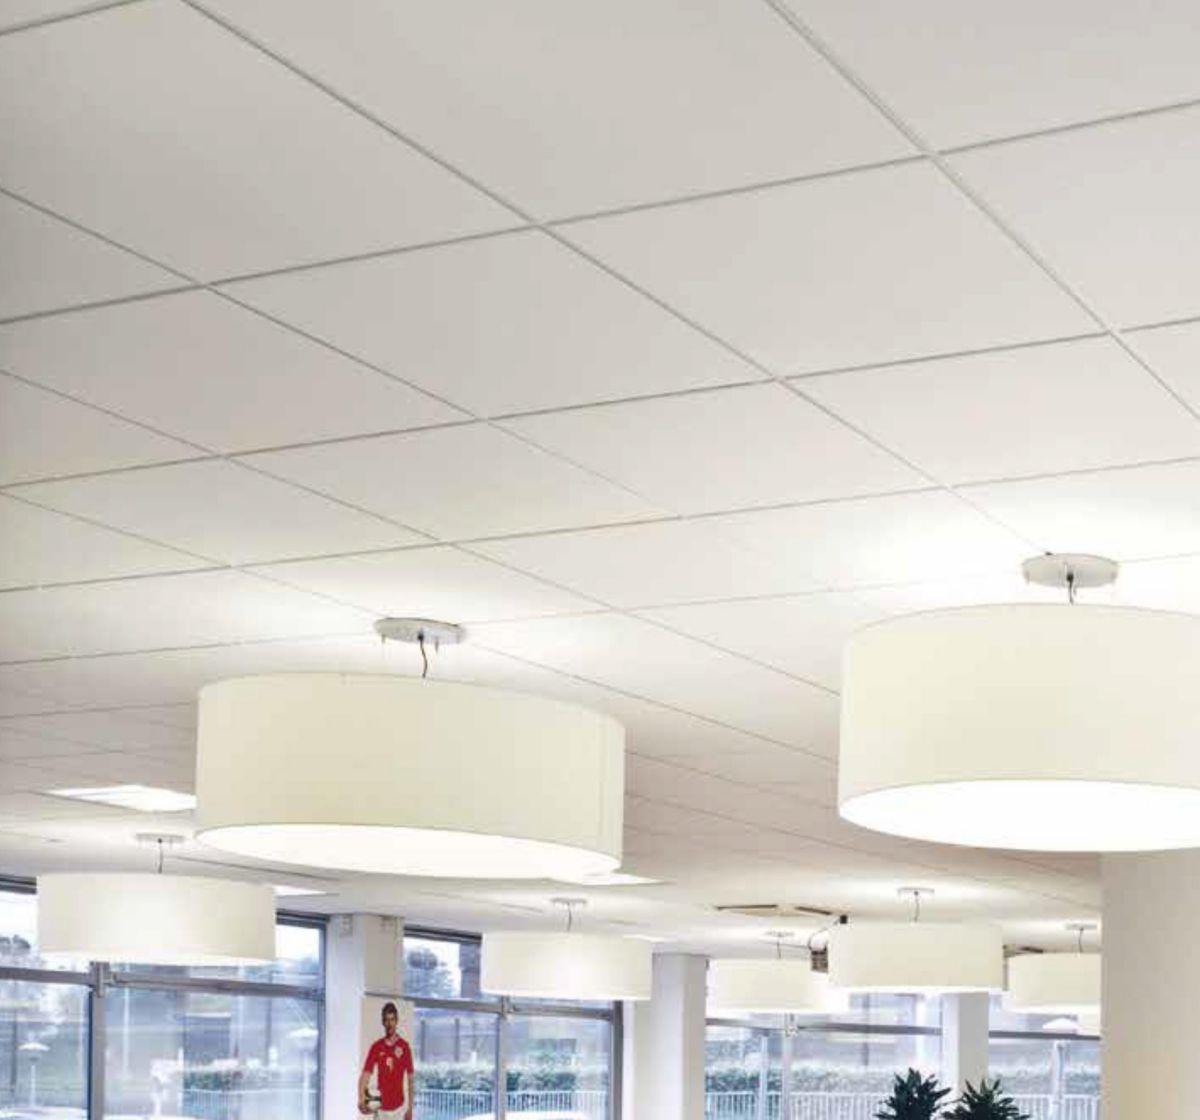 Faux Plafond Suspendu En Dalles Isolantes dalle de plafond sahara board 2516m - 60x60 cm - ép. 15 mm